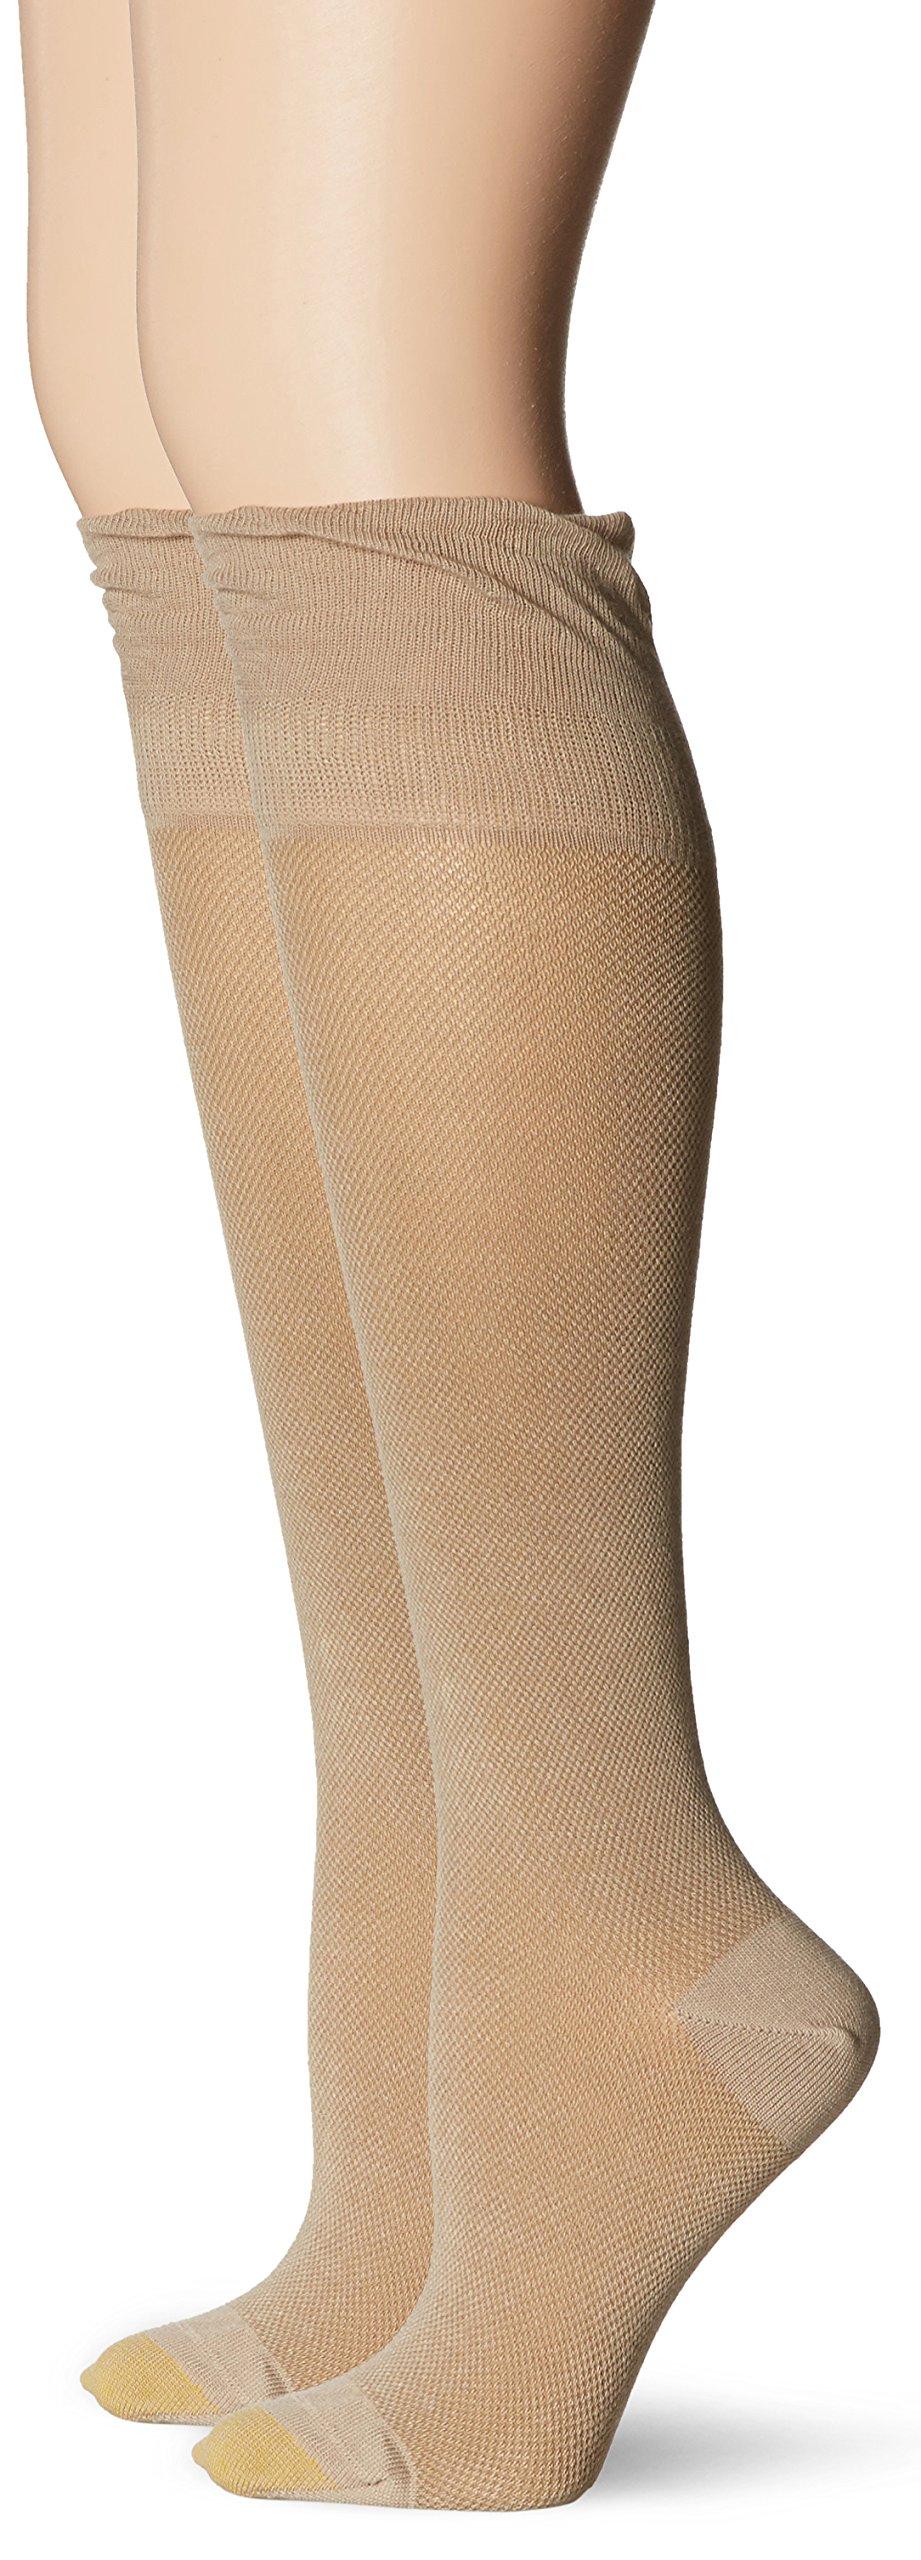 Gold Toe Women's Non-Binding Knee High Sock, Khaki, 9-11 (Pack of 2)